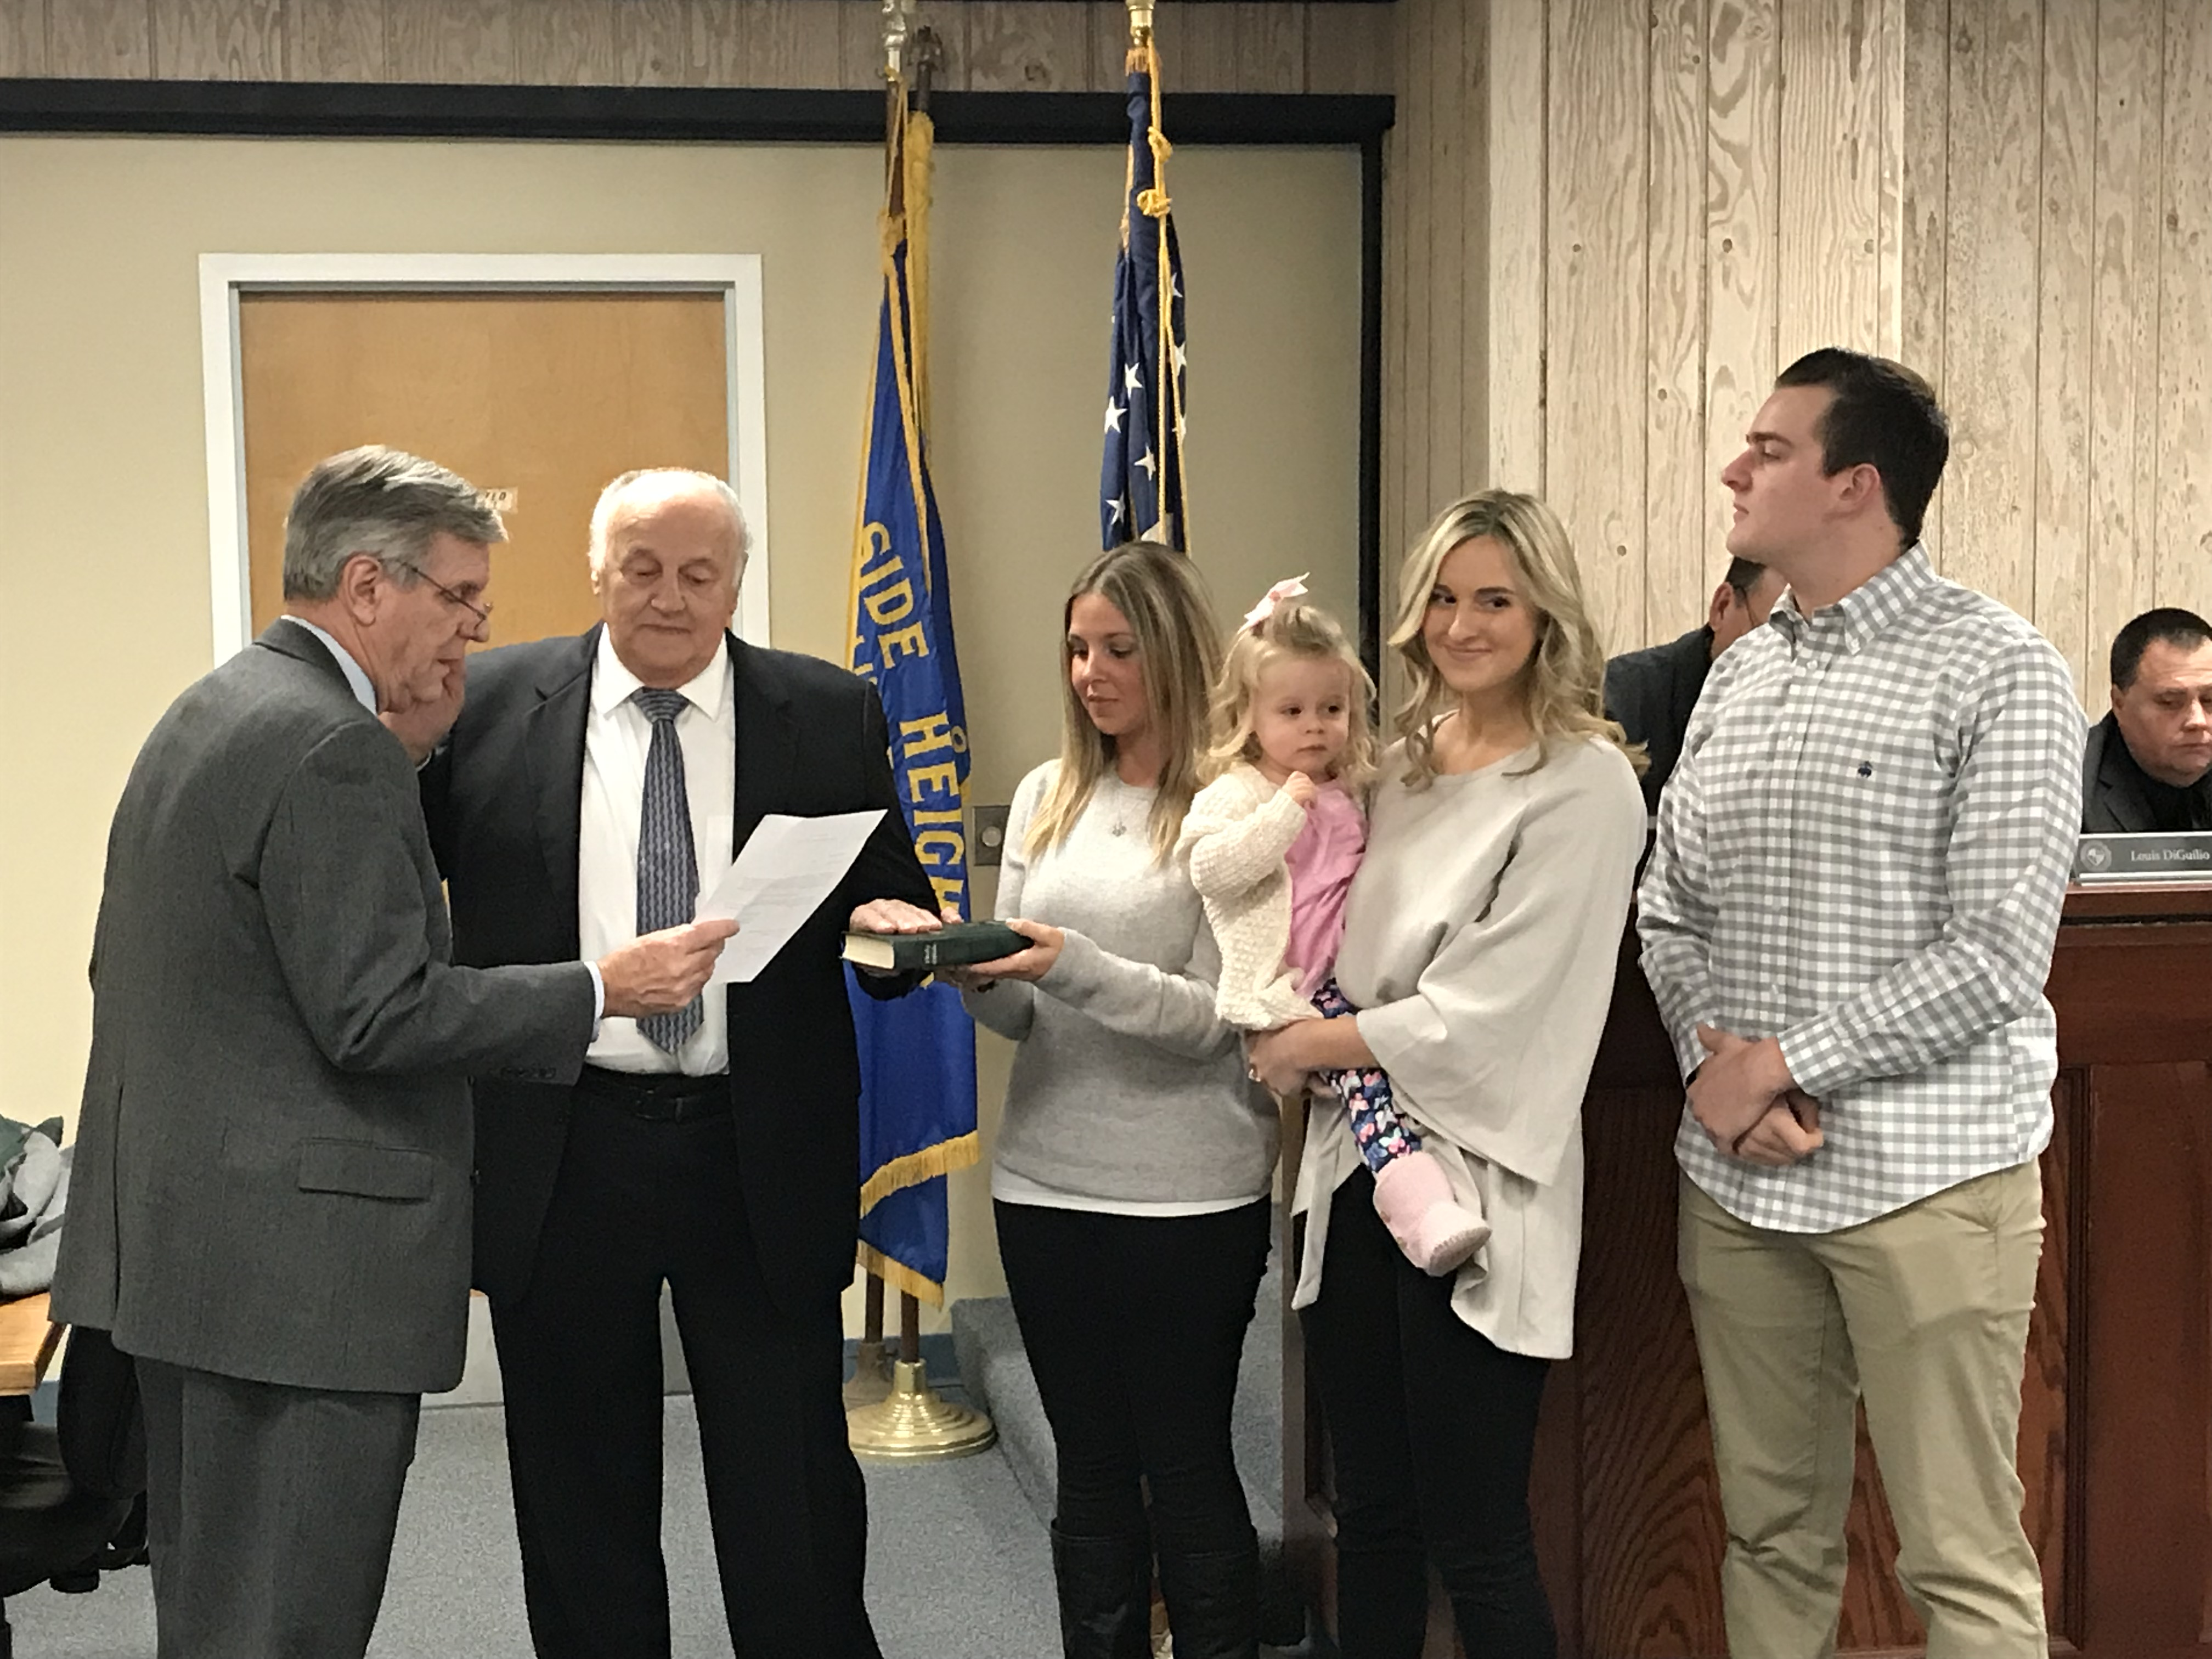 Councilman Guy Mazzanti is sworn into office in Seaside Heights, Jan. 3, 2017. (Photo: Daniel Nee)